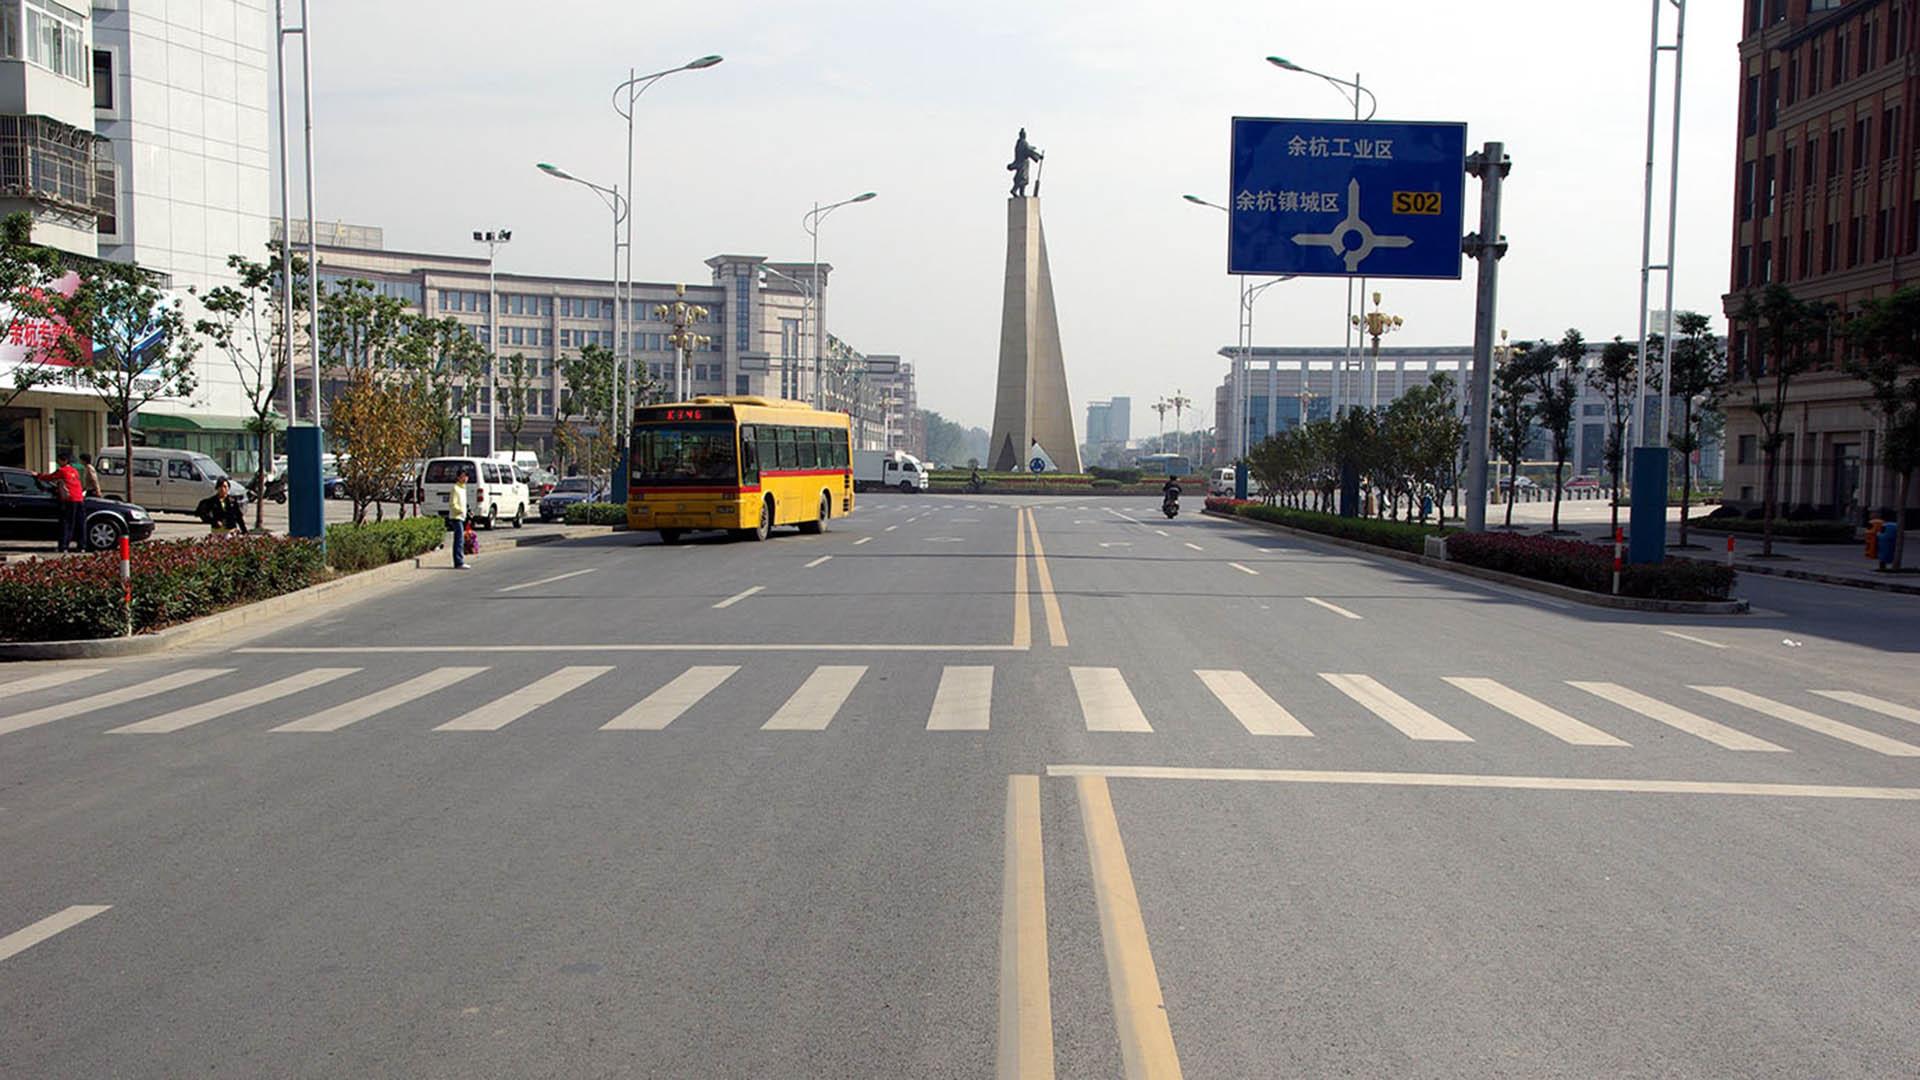 15省道余杭镇过境线